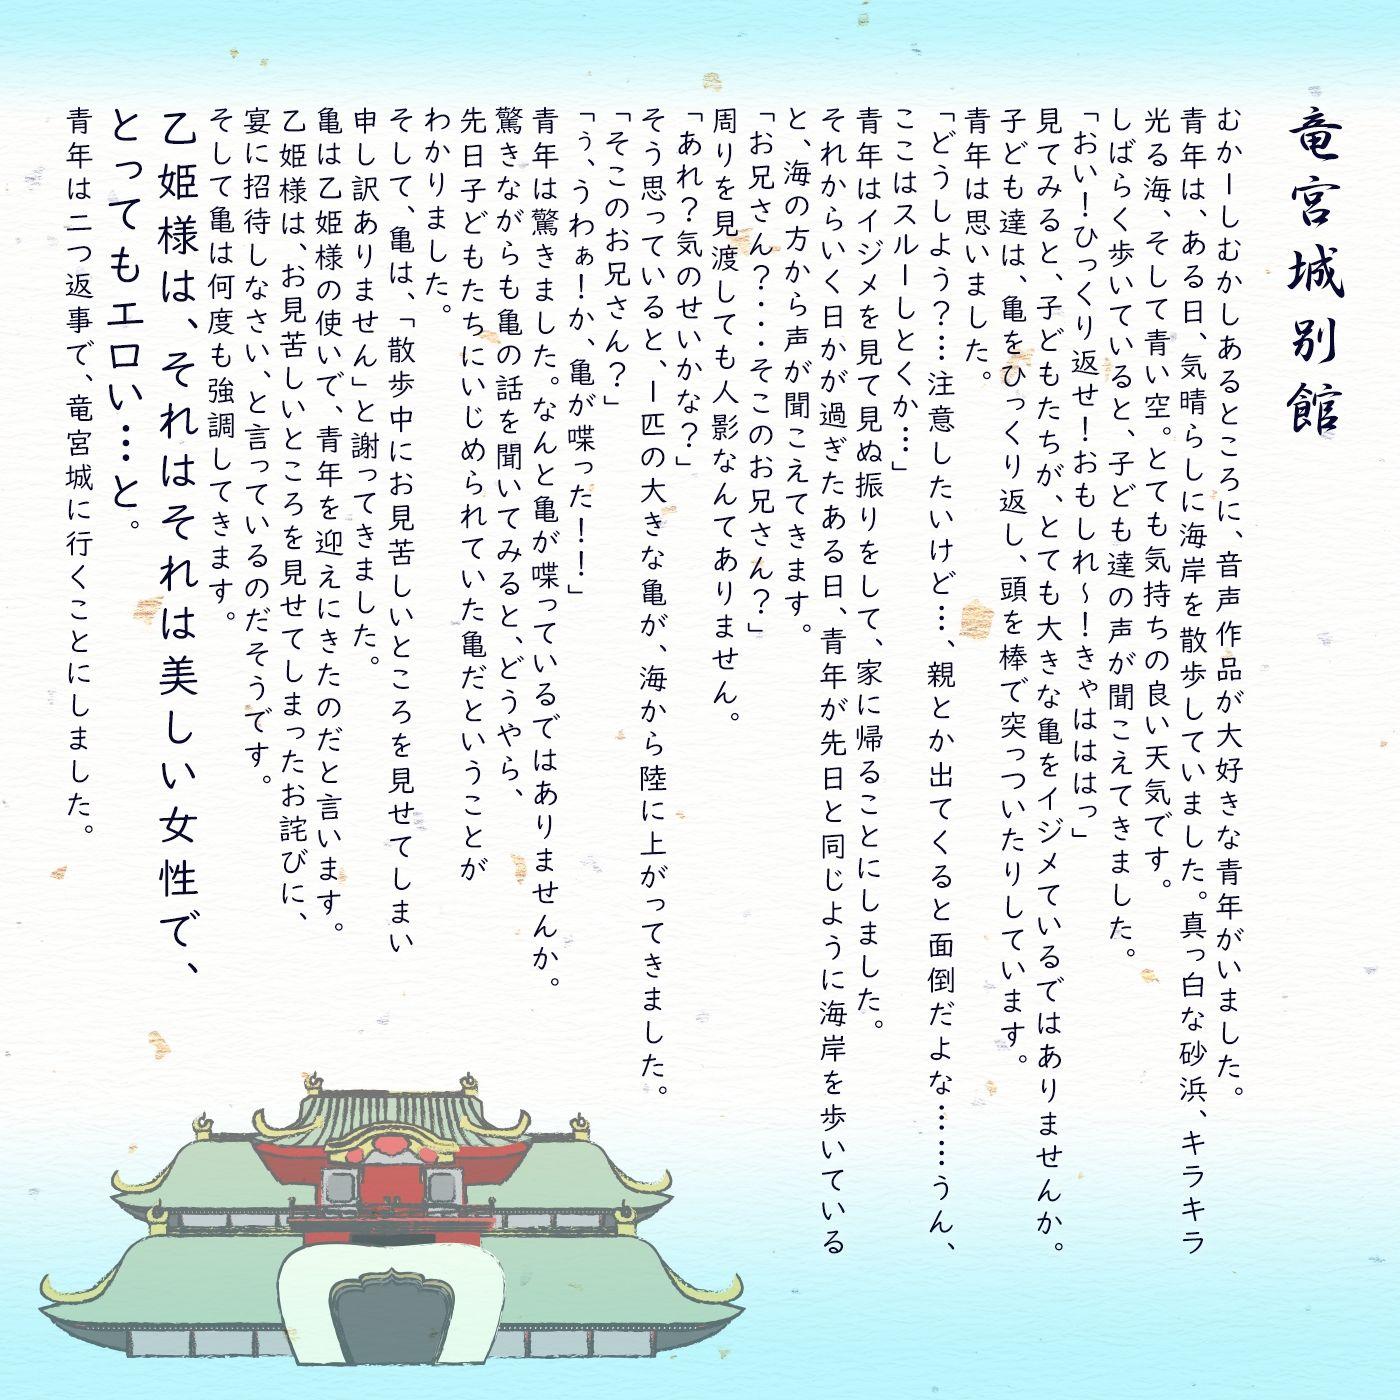 【if童話】シコシコの宴(うたげ)「if…竜宮城別館」~亀を助けなかったら自分の亀をイジメられた~1